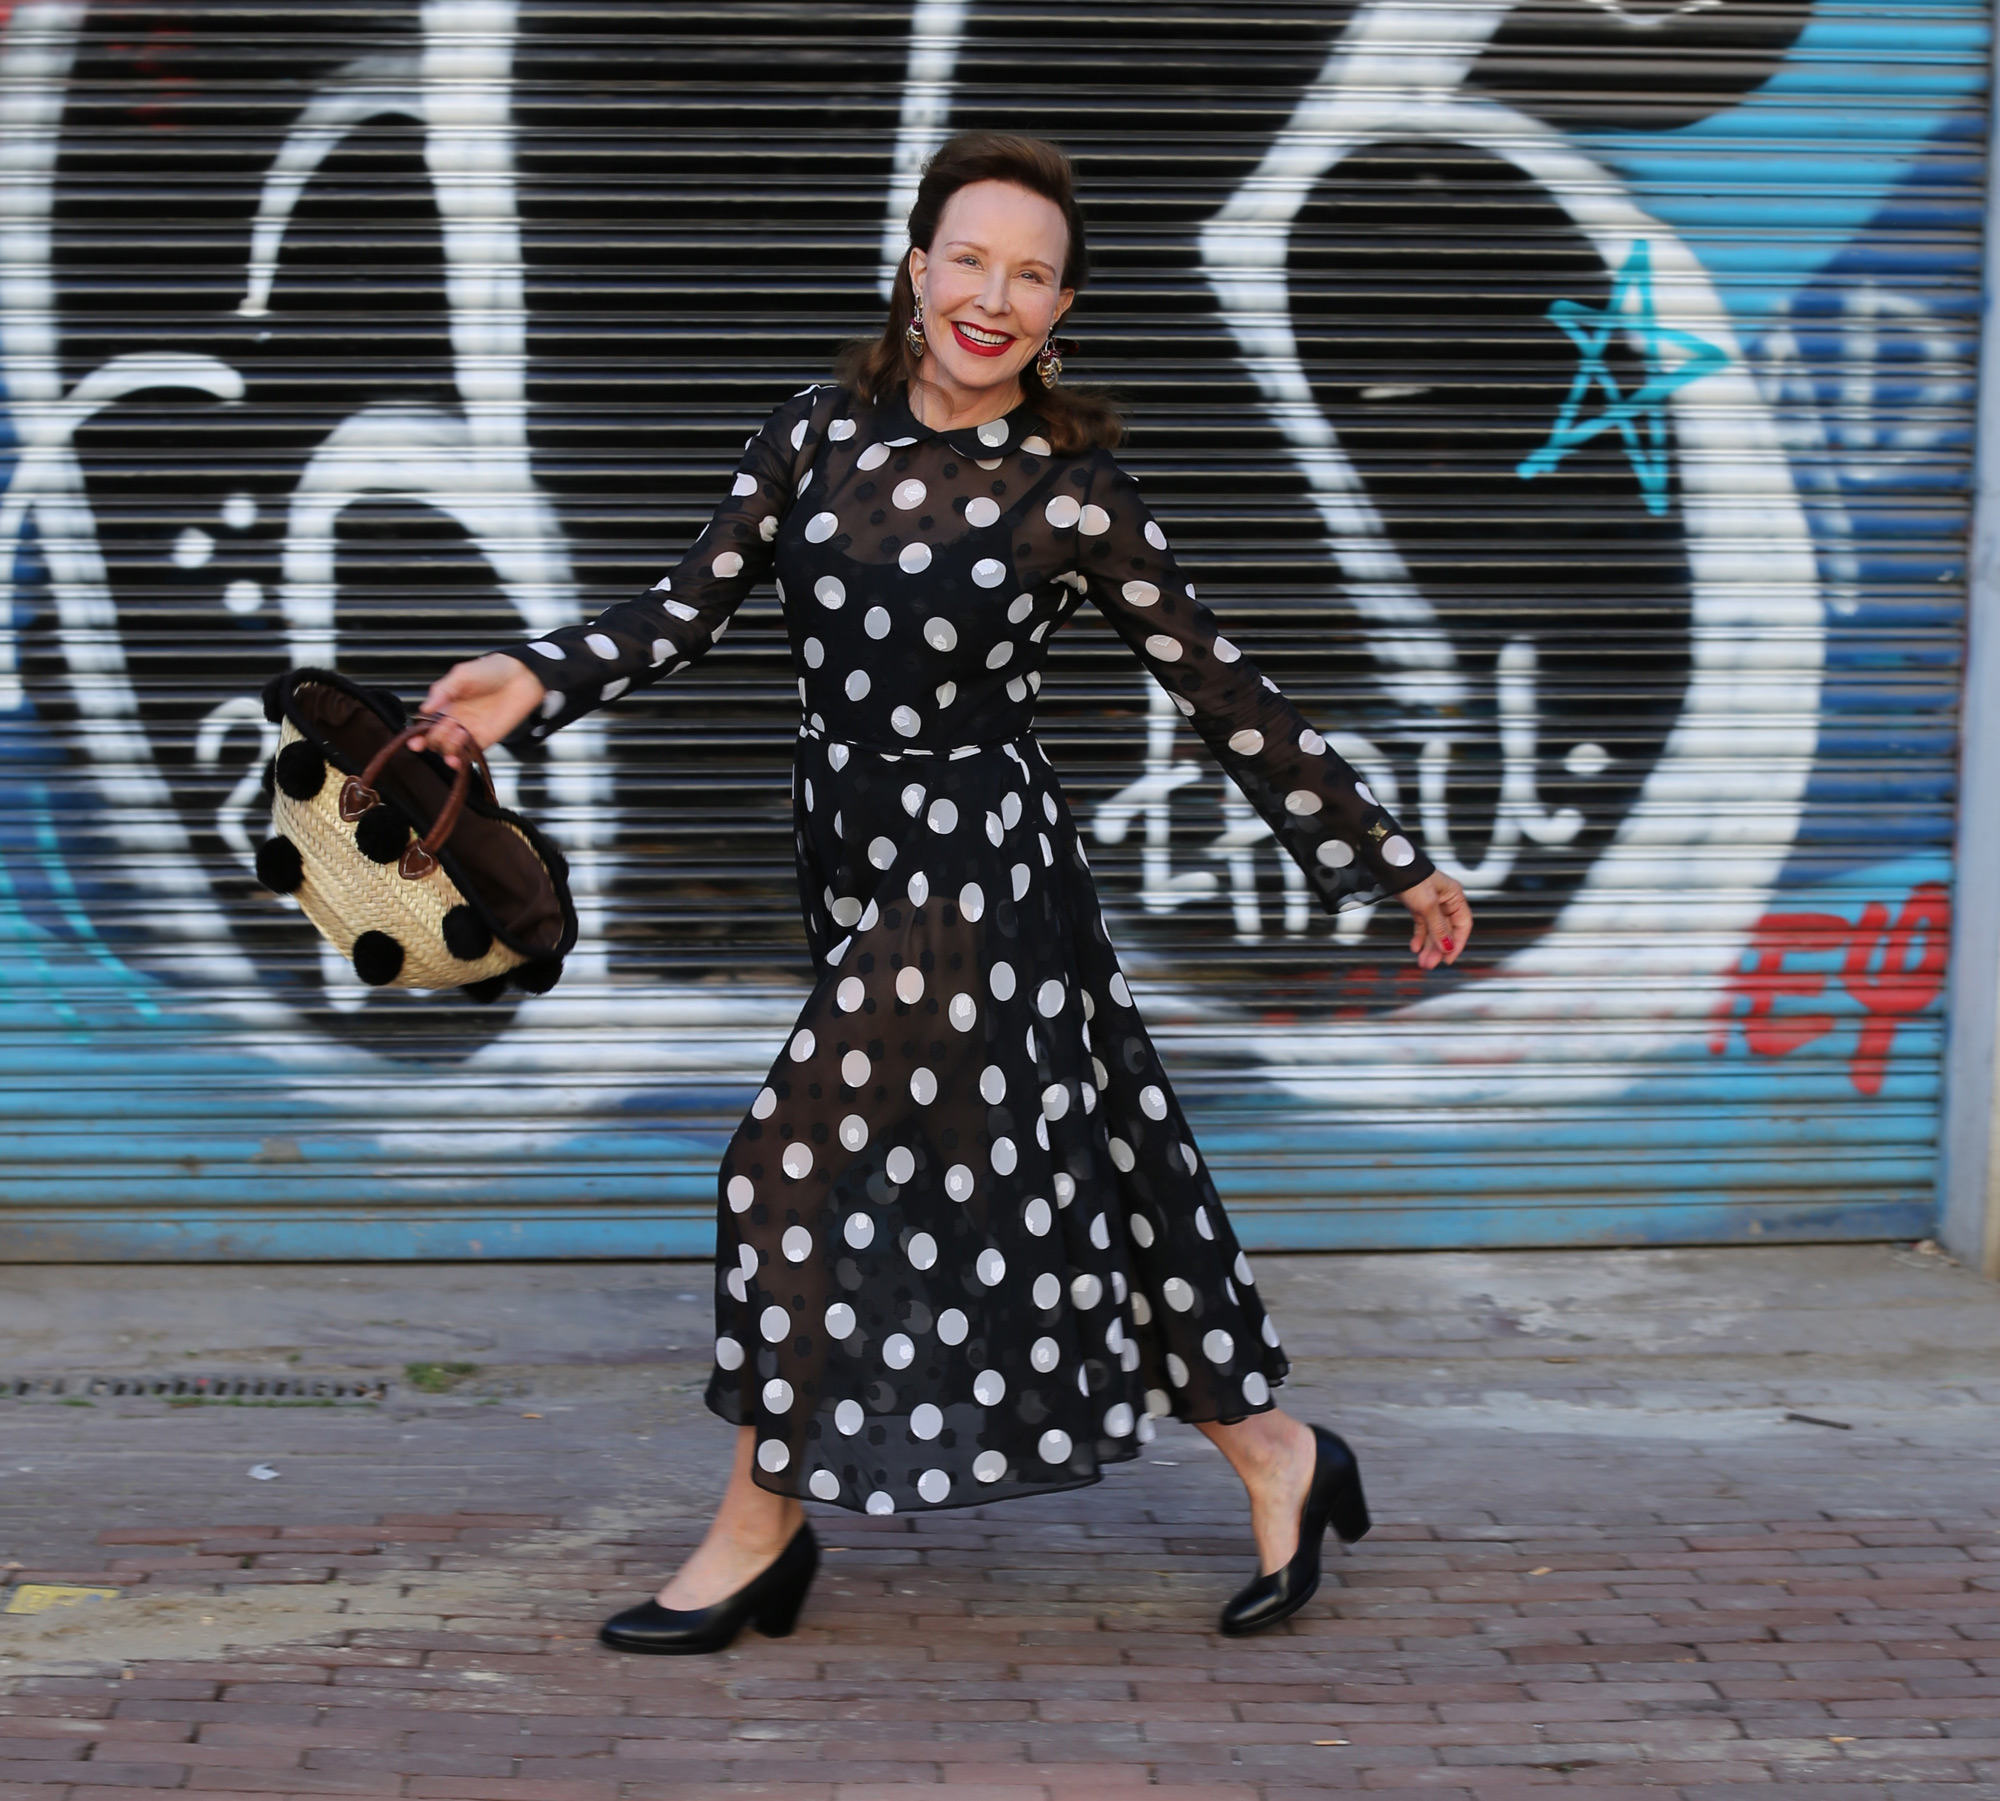 Margot Werts, dit keer als model in Amsterdam voor Zin magazine